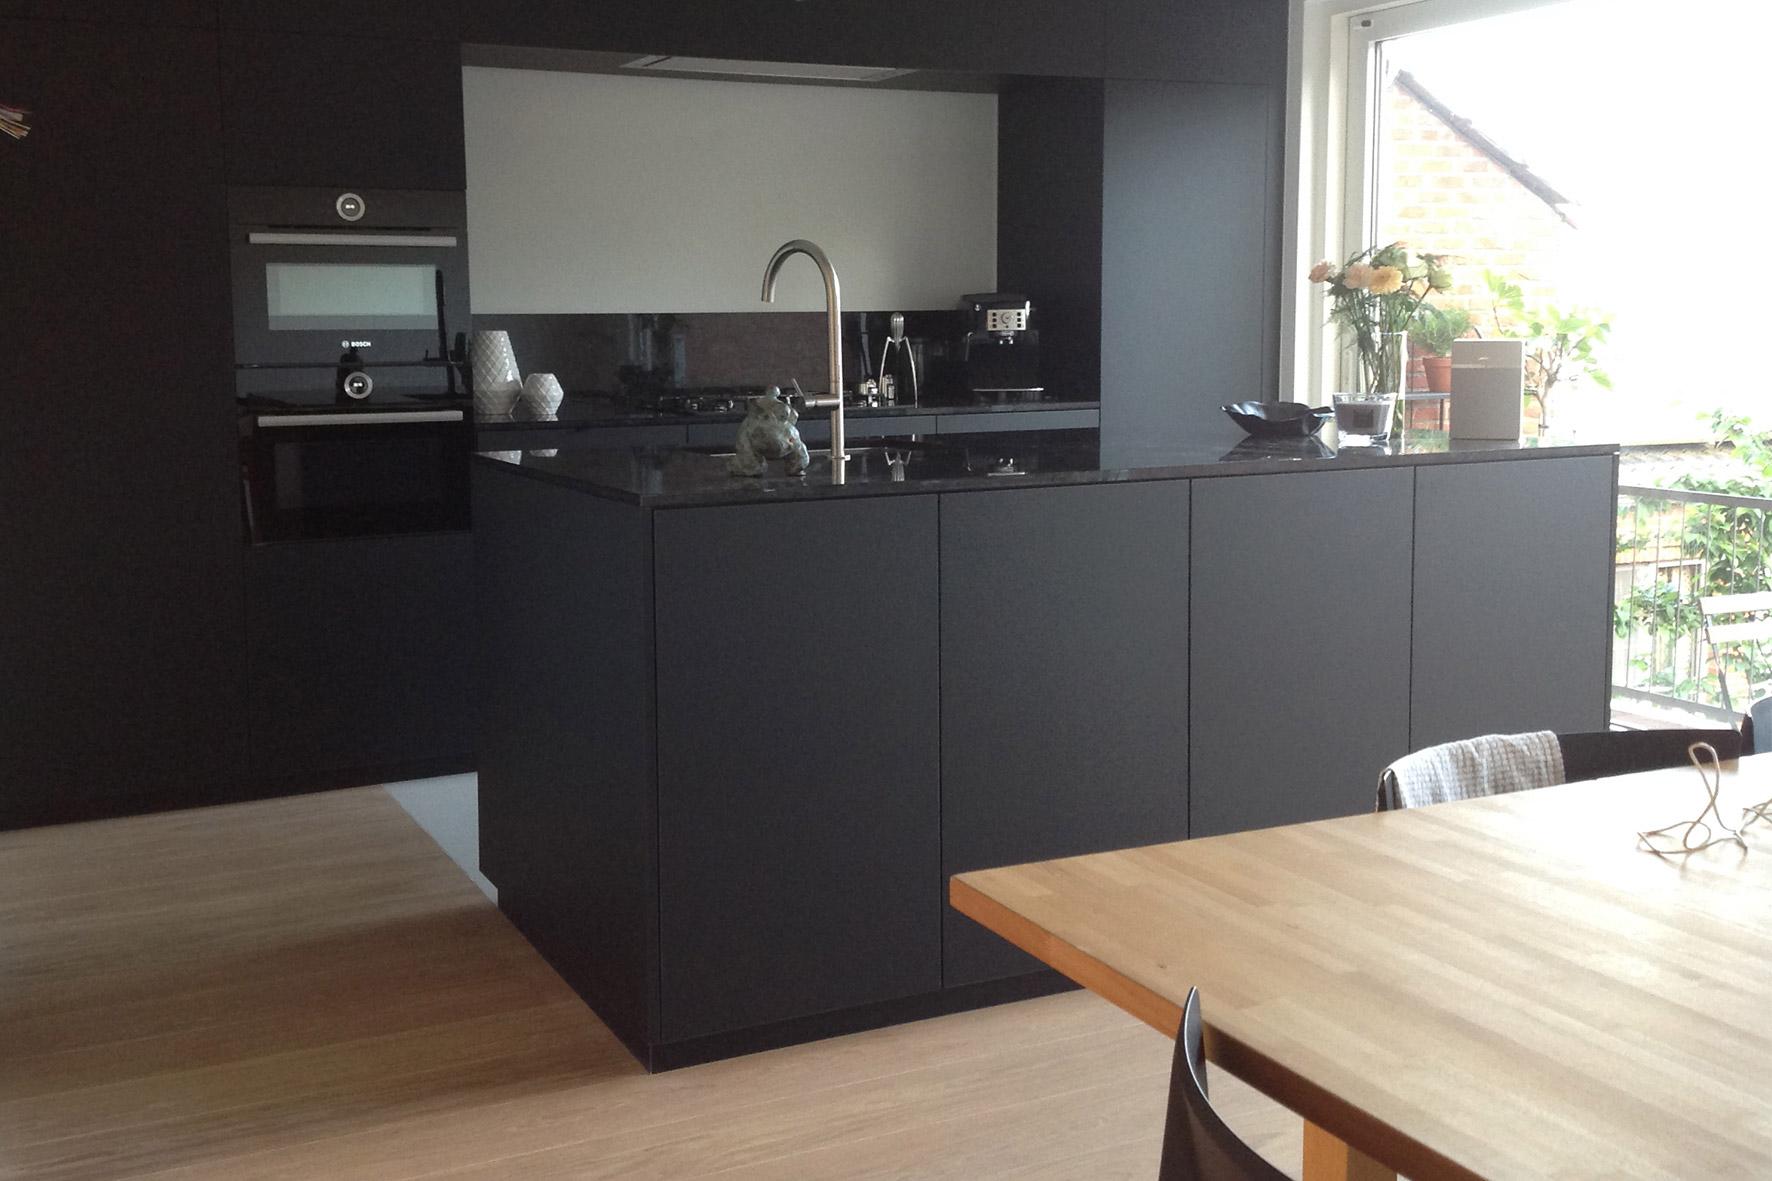 Mat Zwarte Keuken : Zwarte keuken ideeen cheap landelijke moderne keuken keuken